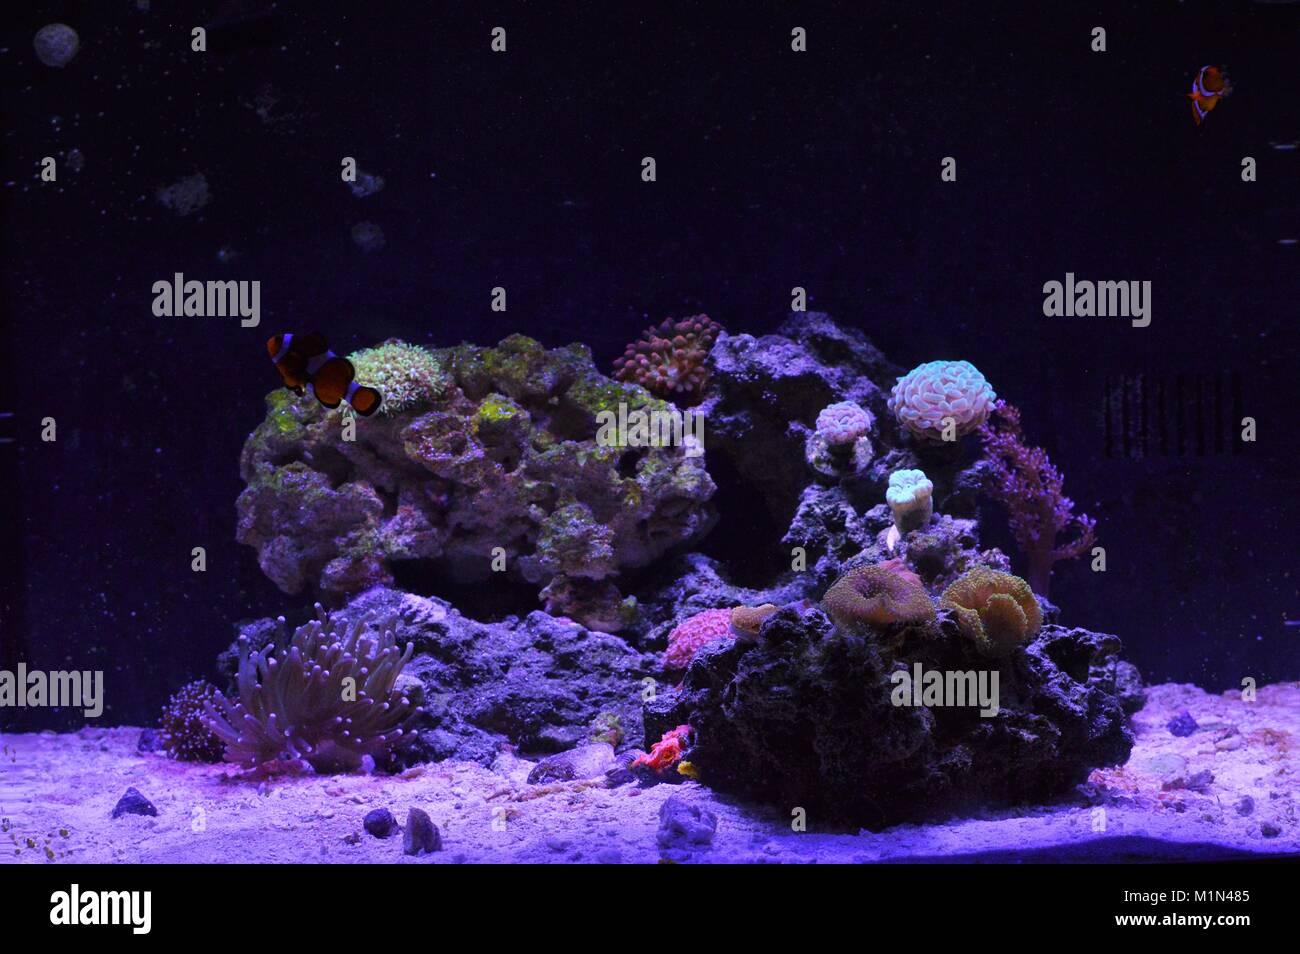 Home Aquarium reef - Stock Image